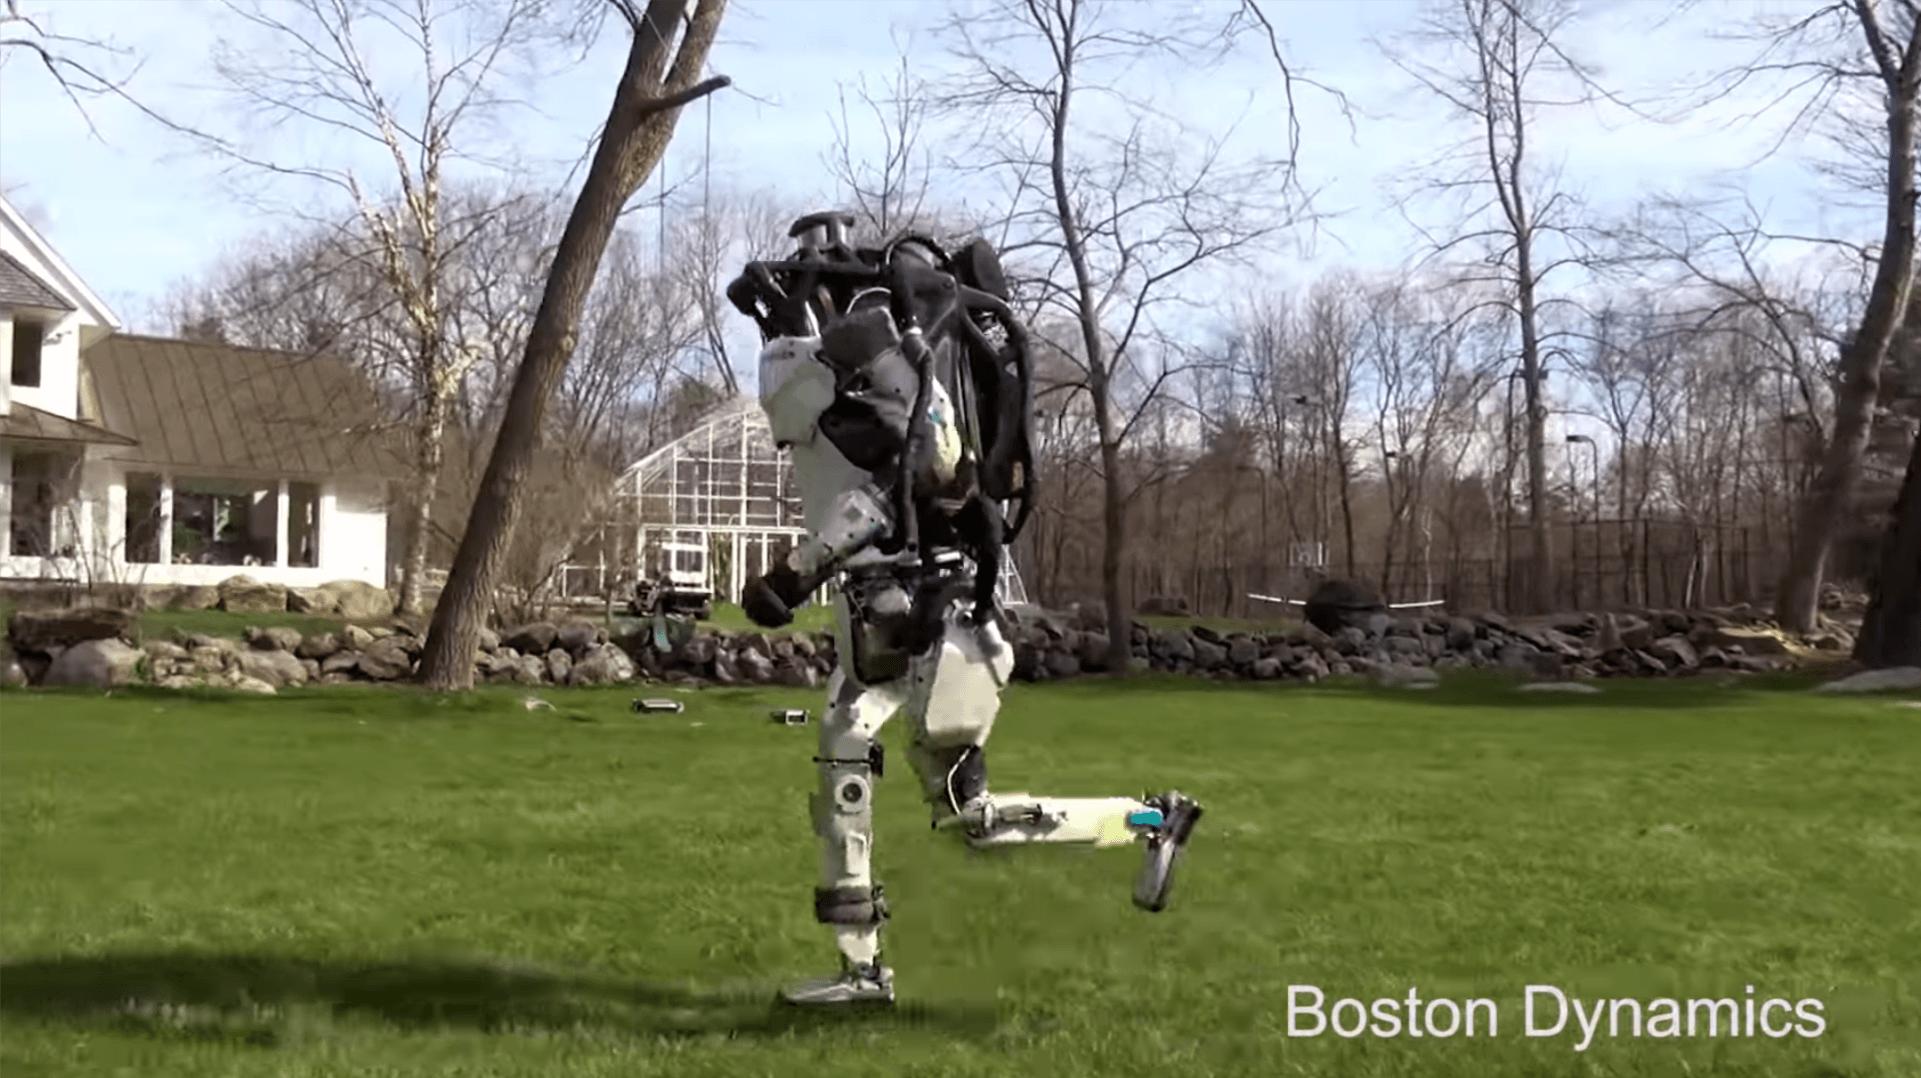 Boston Dynamics znowu straszy nas swoimi robotami. Atlas umie już biegać 18